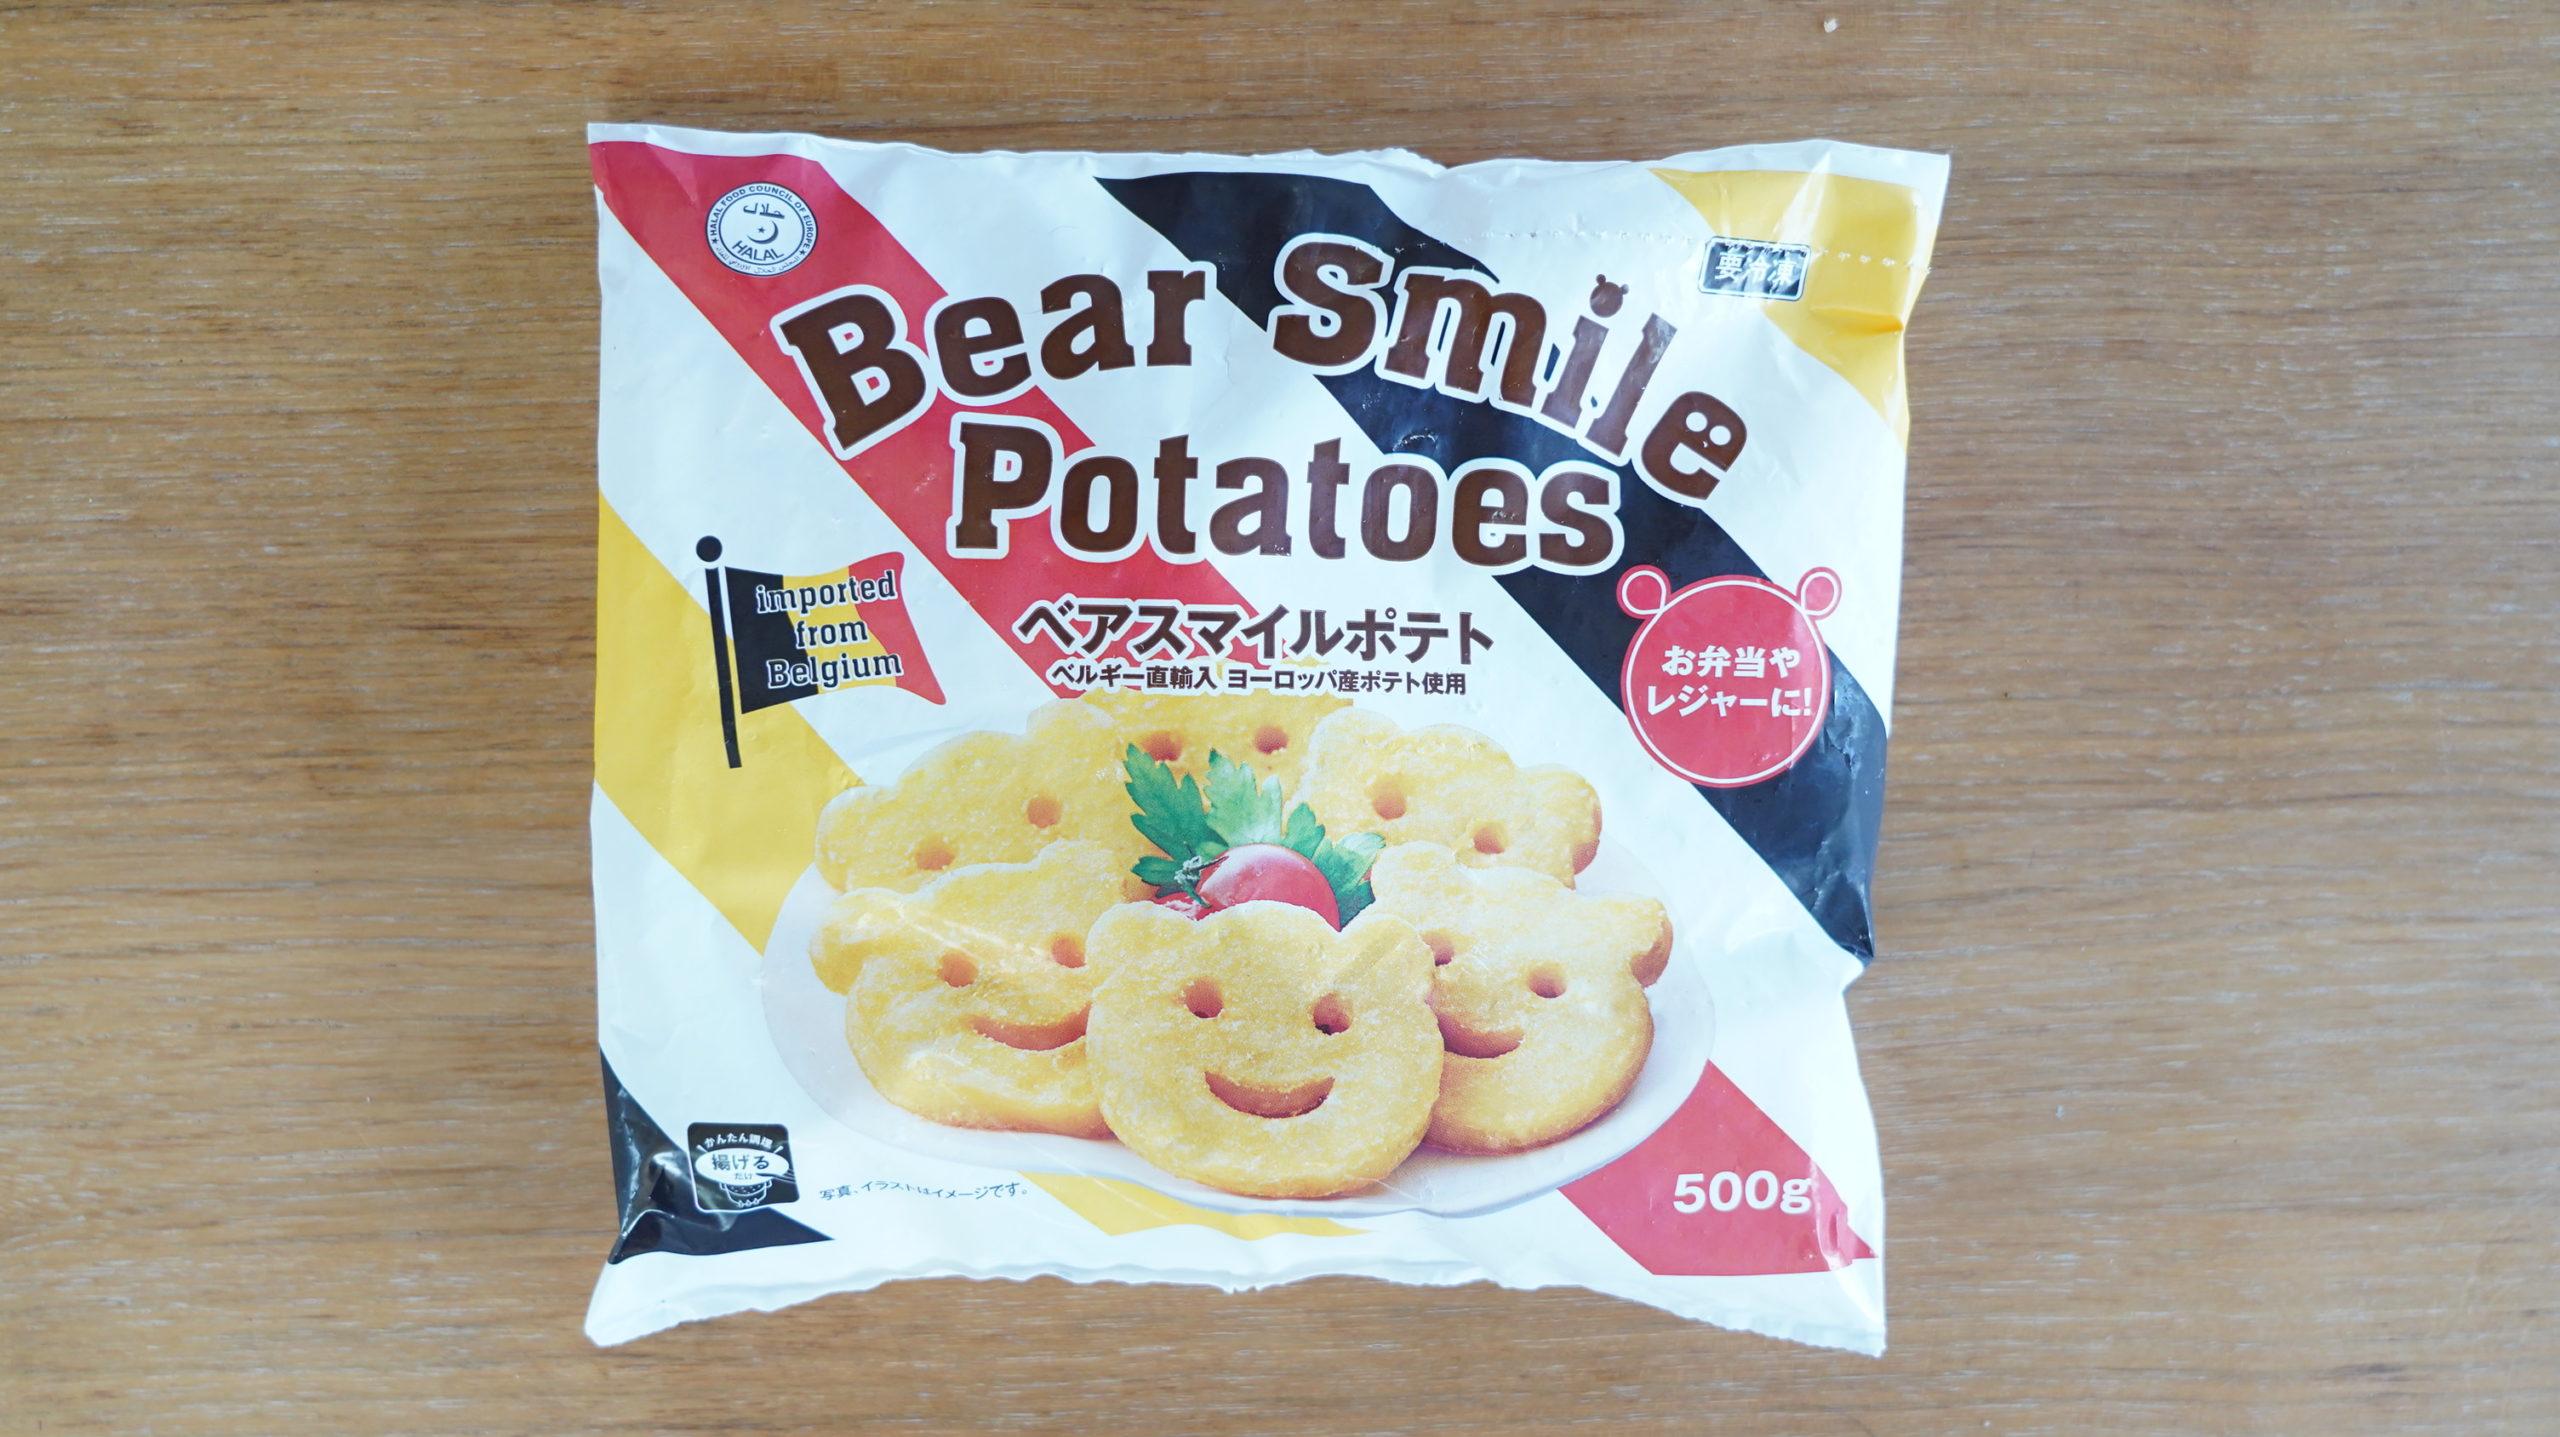 業務スーパーのおすすめ冷凍食品「ベアスマイルポテト」のパッケージの写真